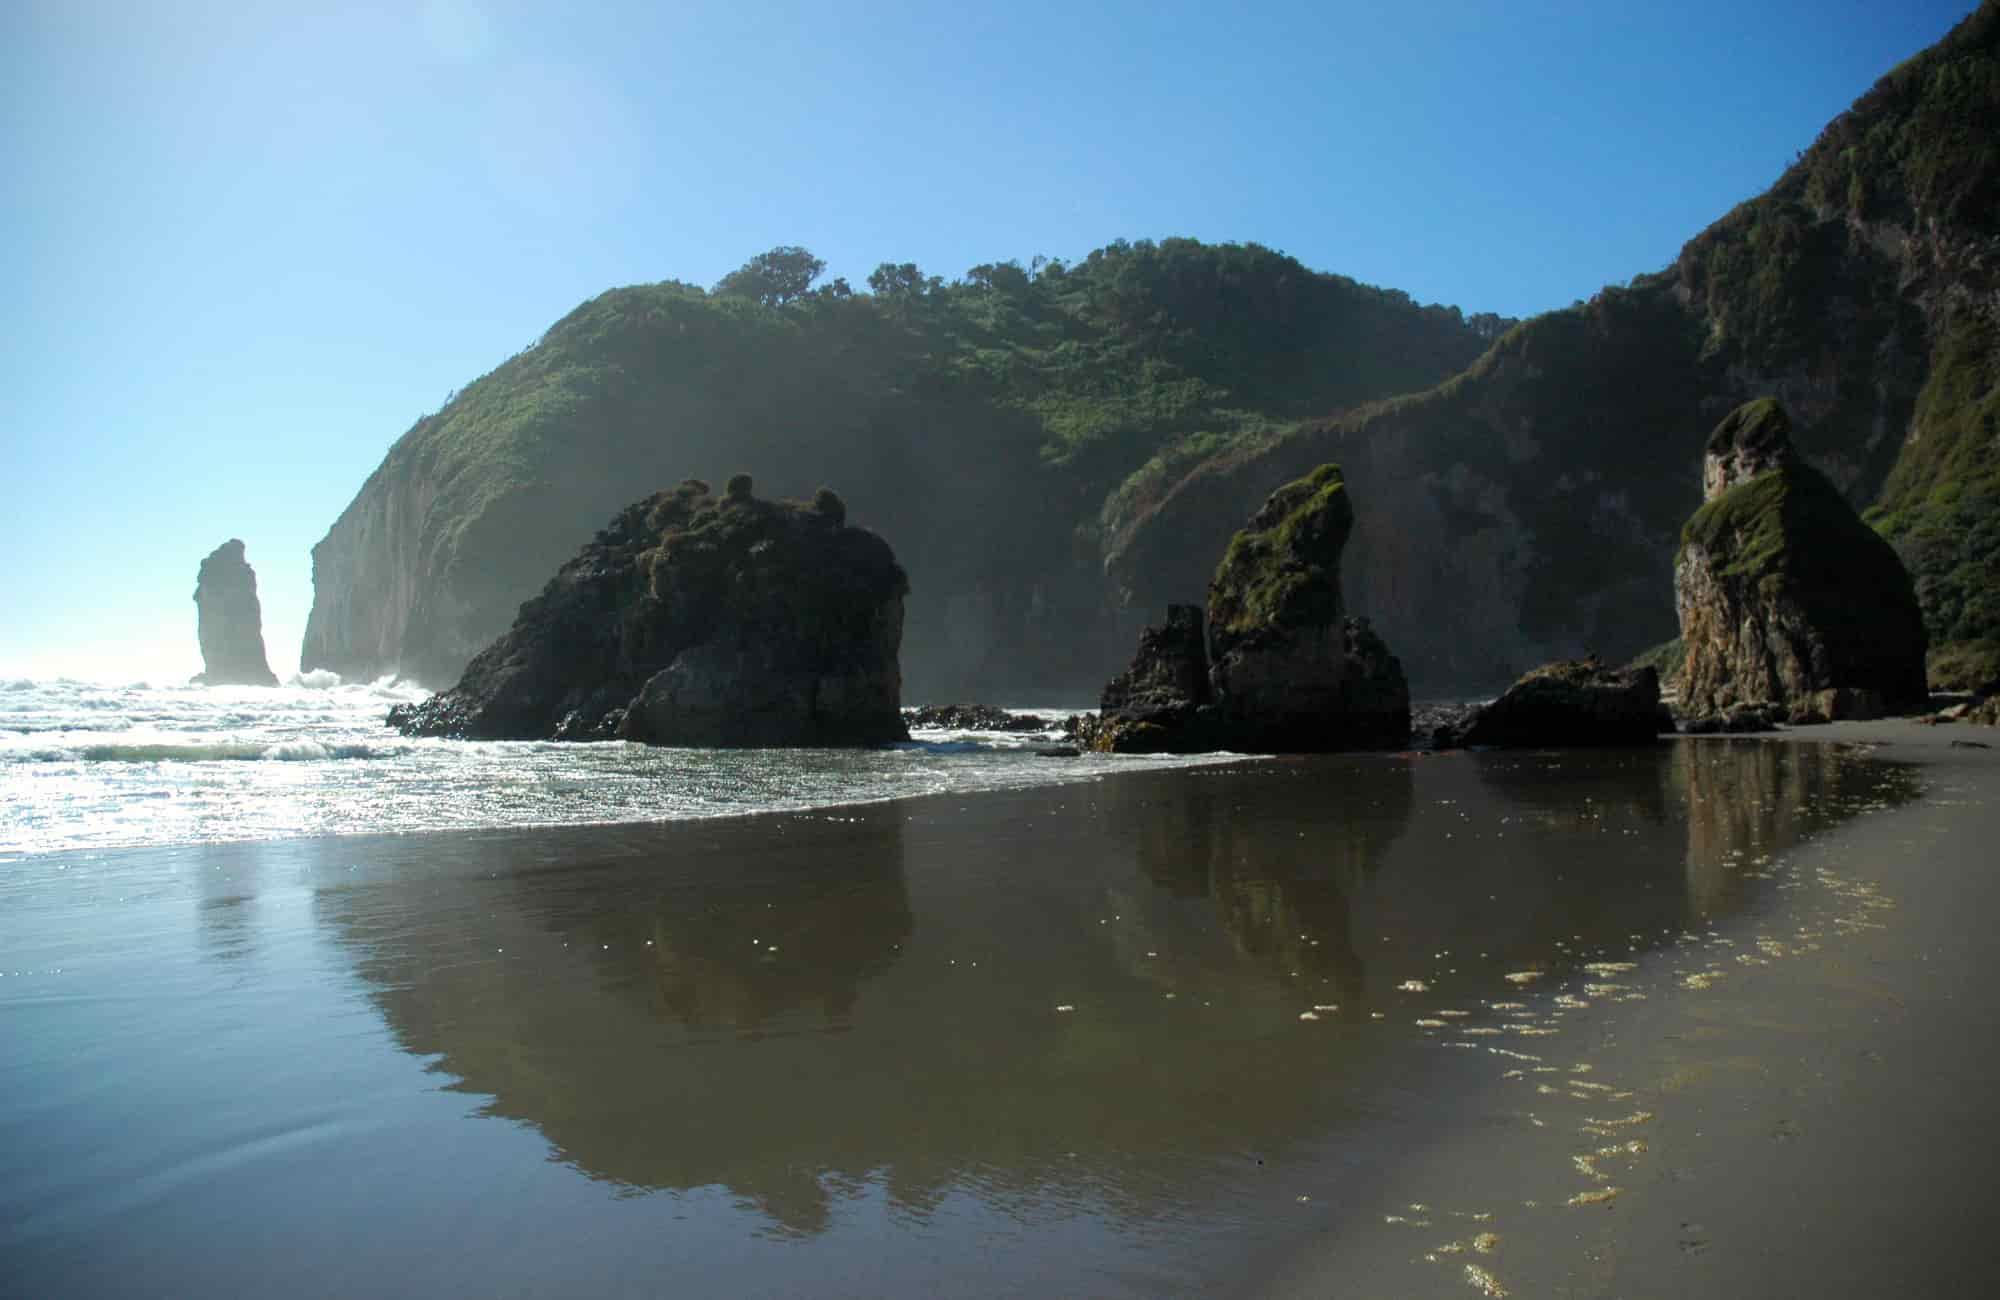 Voyage Chiloé - Plage de Duahato - Amplitudes